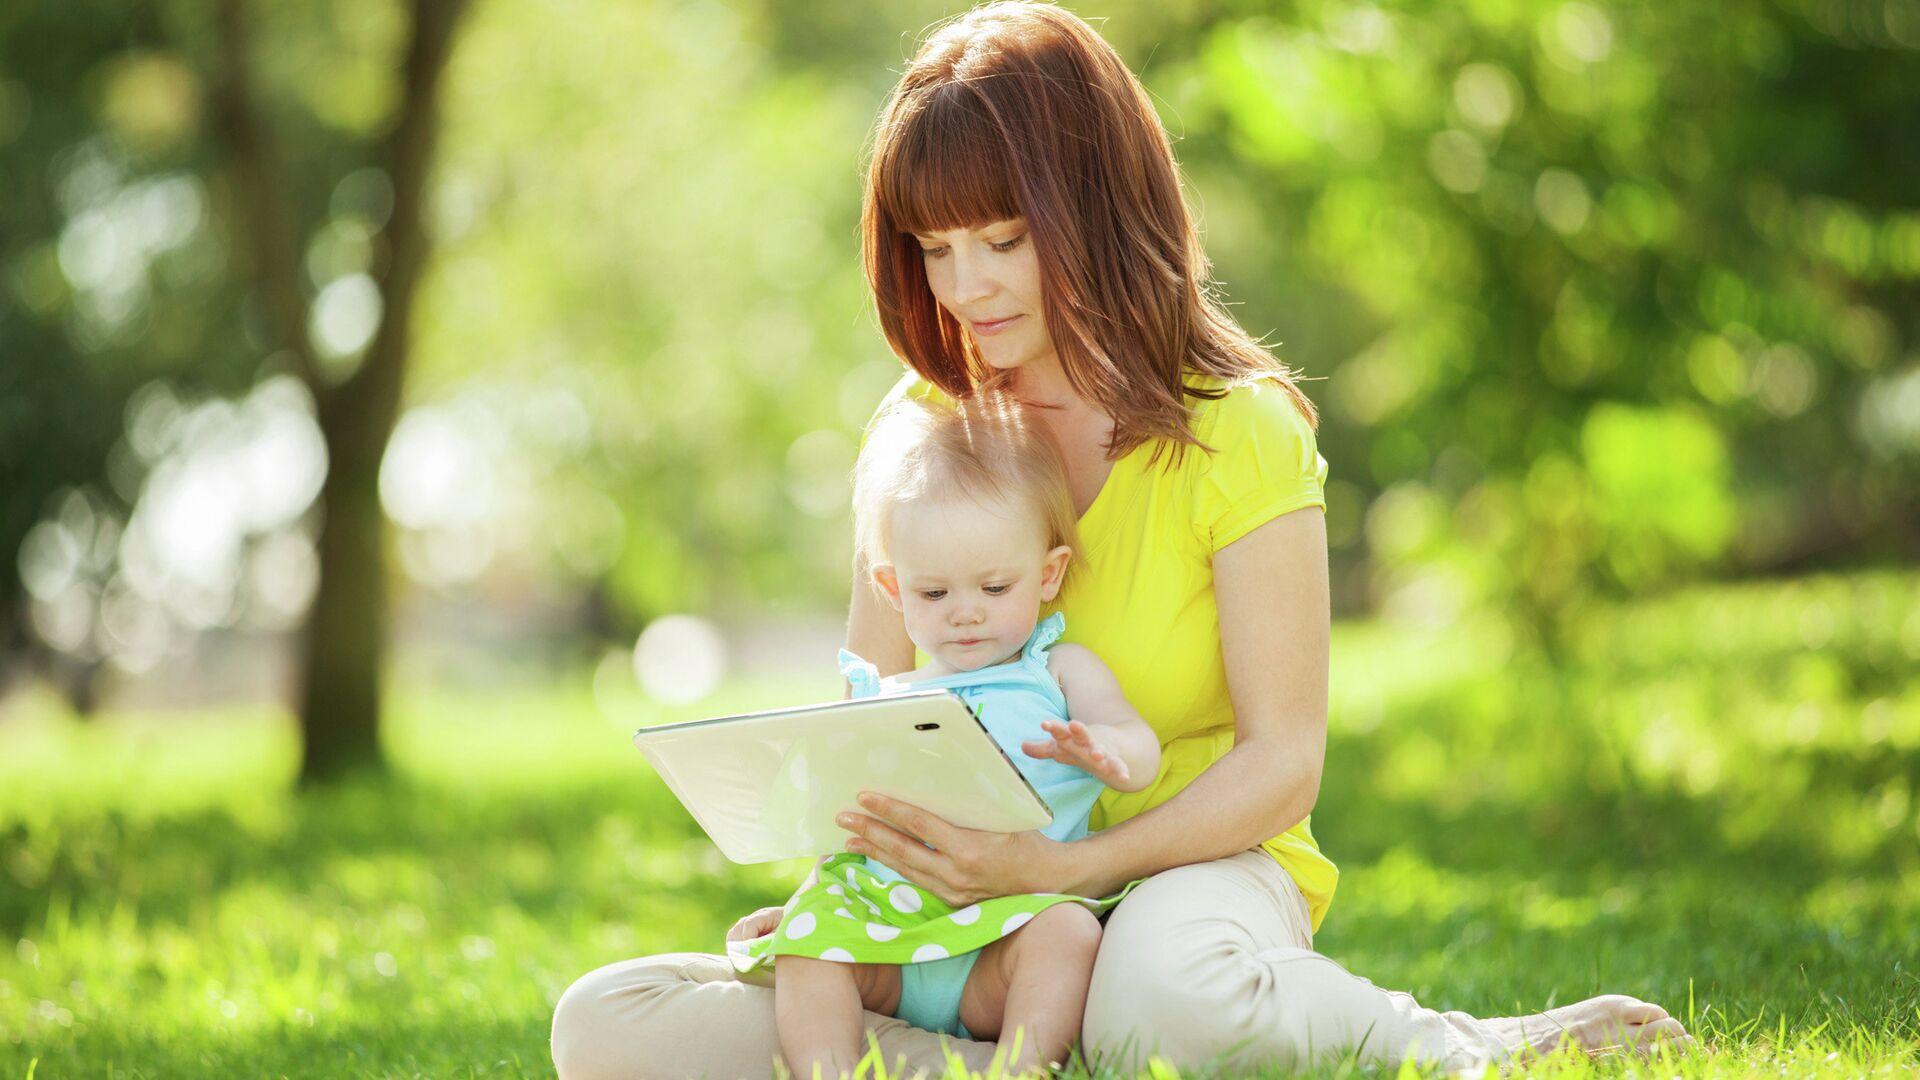 Женщина показывает ребенку видео на планшете - РИА Новости, 1920, 09.08.2020